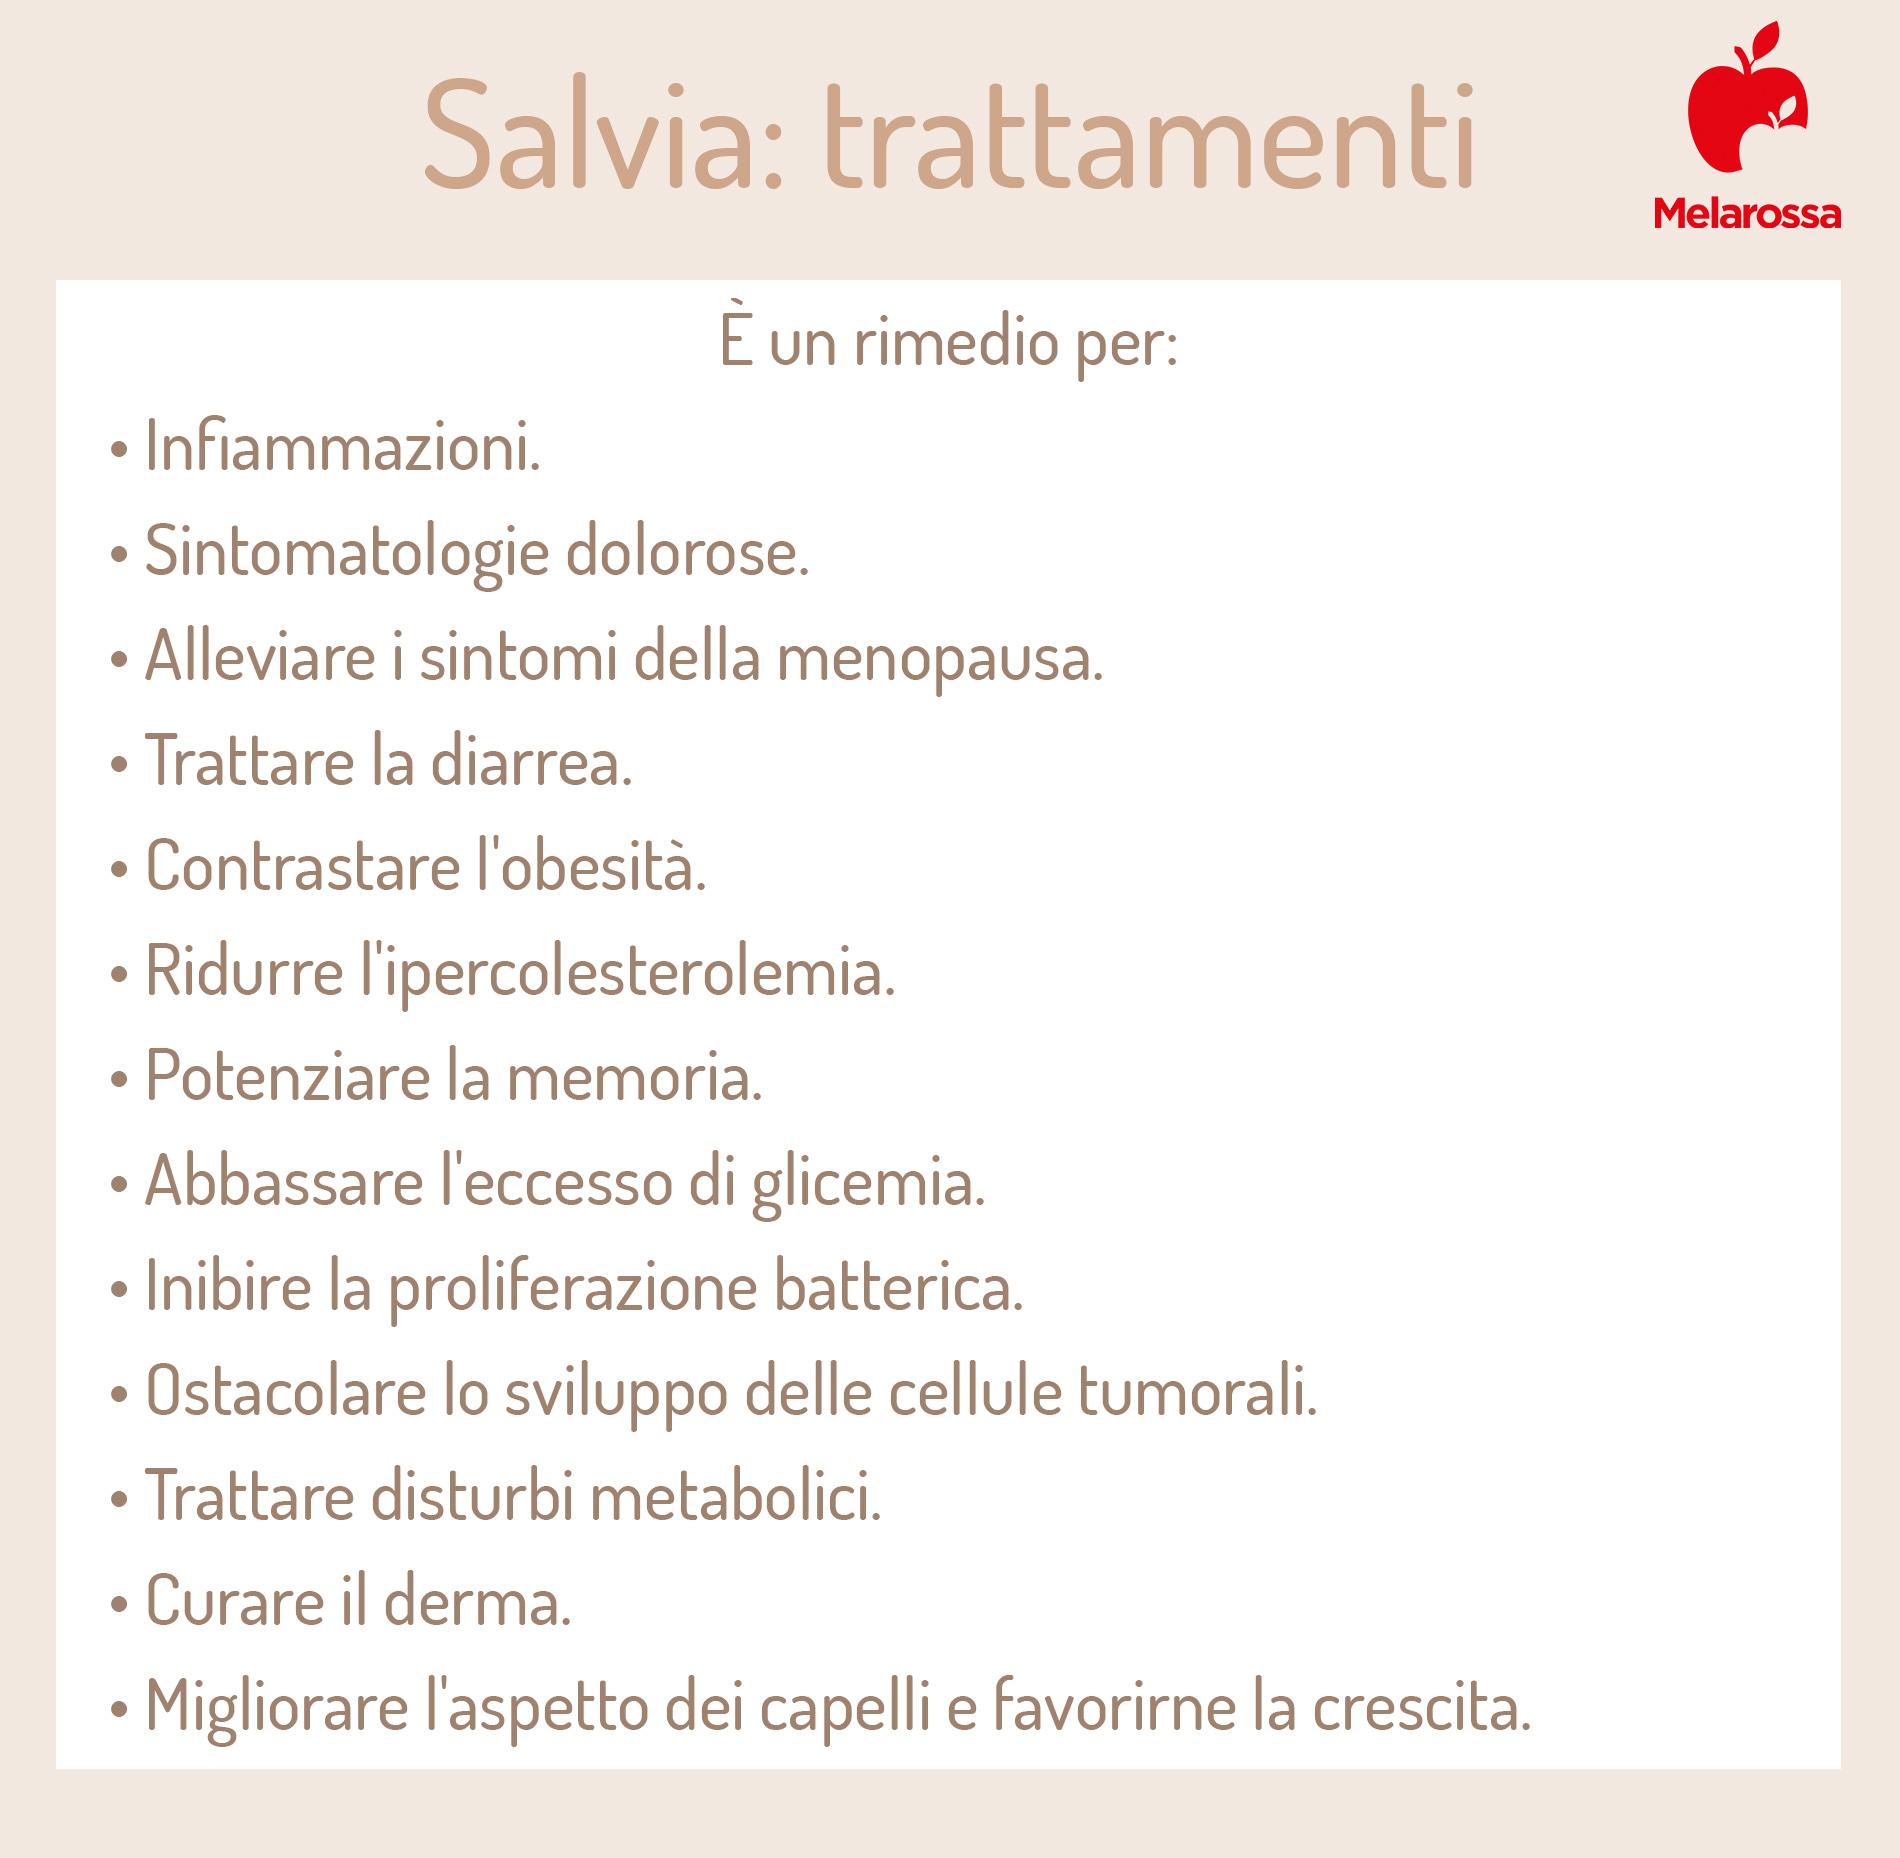 salvia: trattamenti efficaci